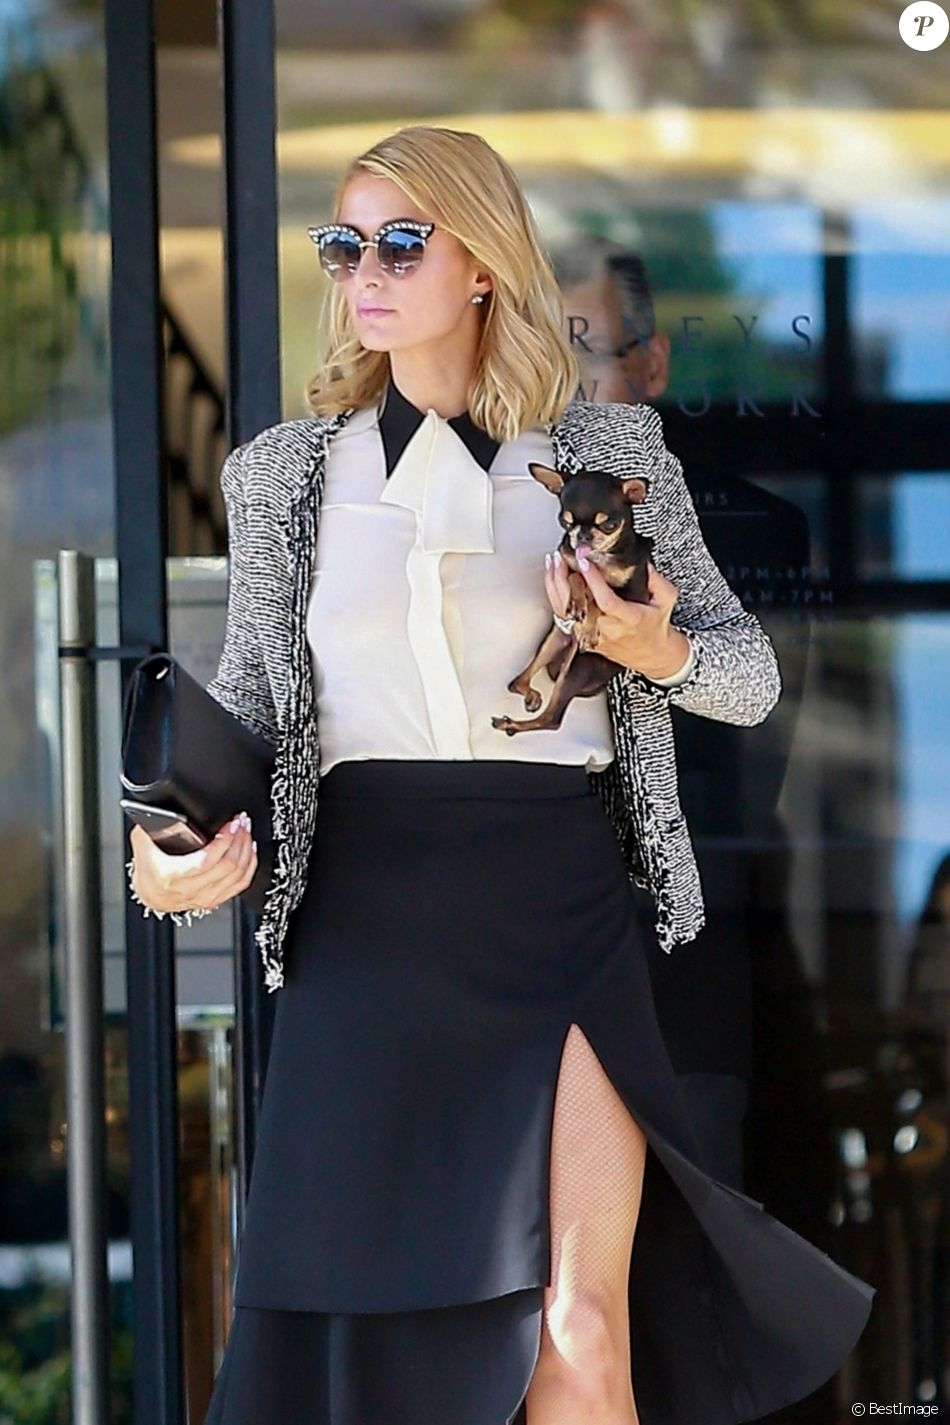 Exclusif - Paris Hilton fait du shopping chez Barneys New York avec son chien Fury à Beverly Hills, le 7 mai 2018.